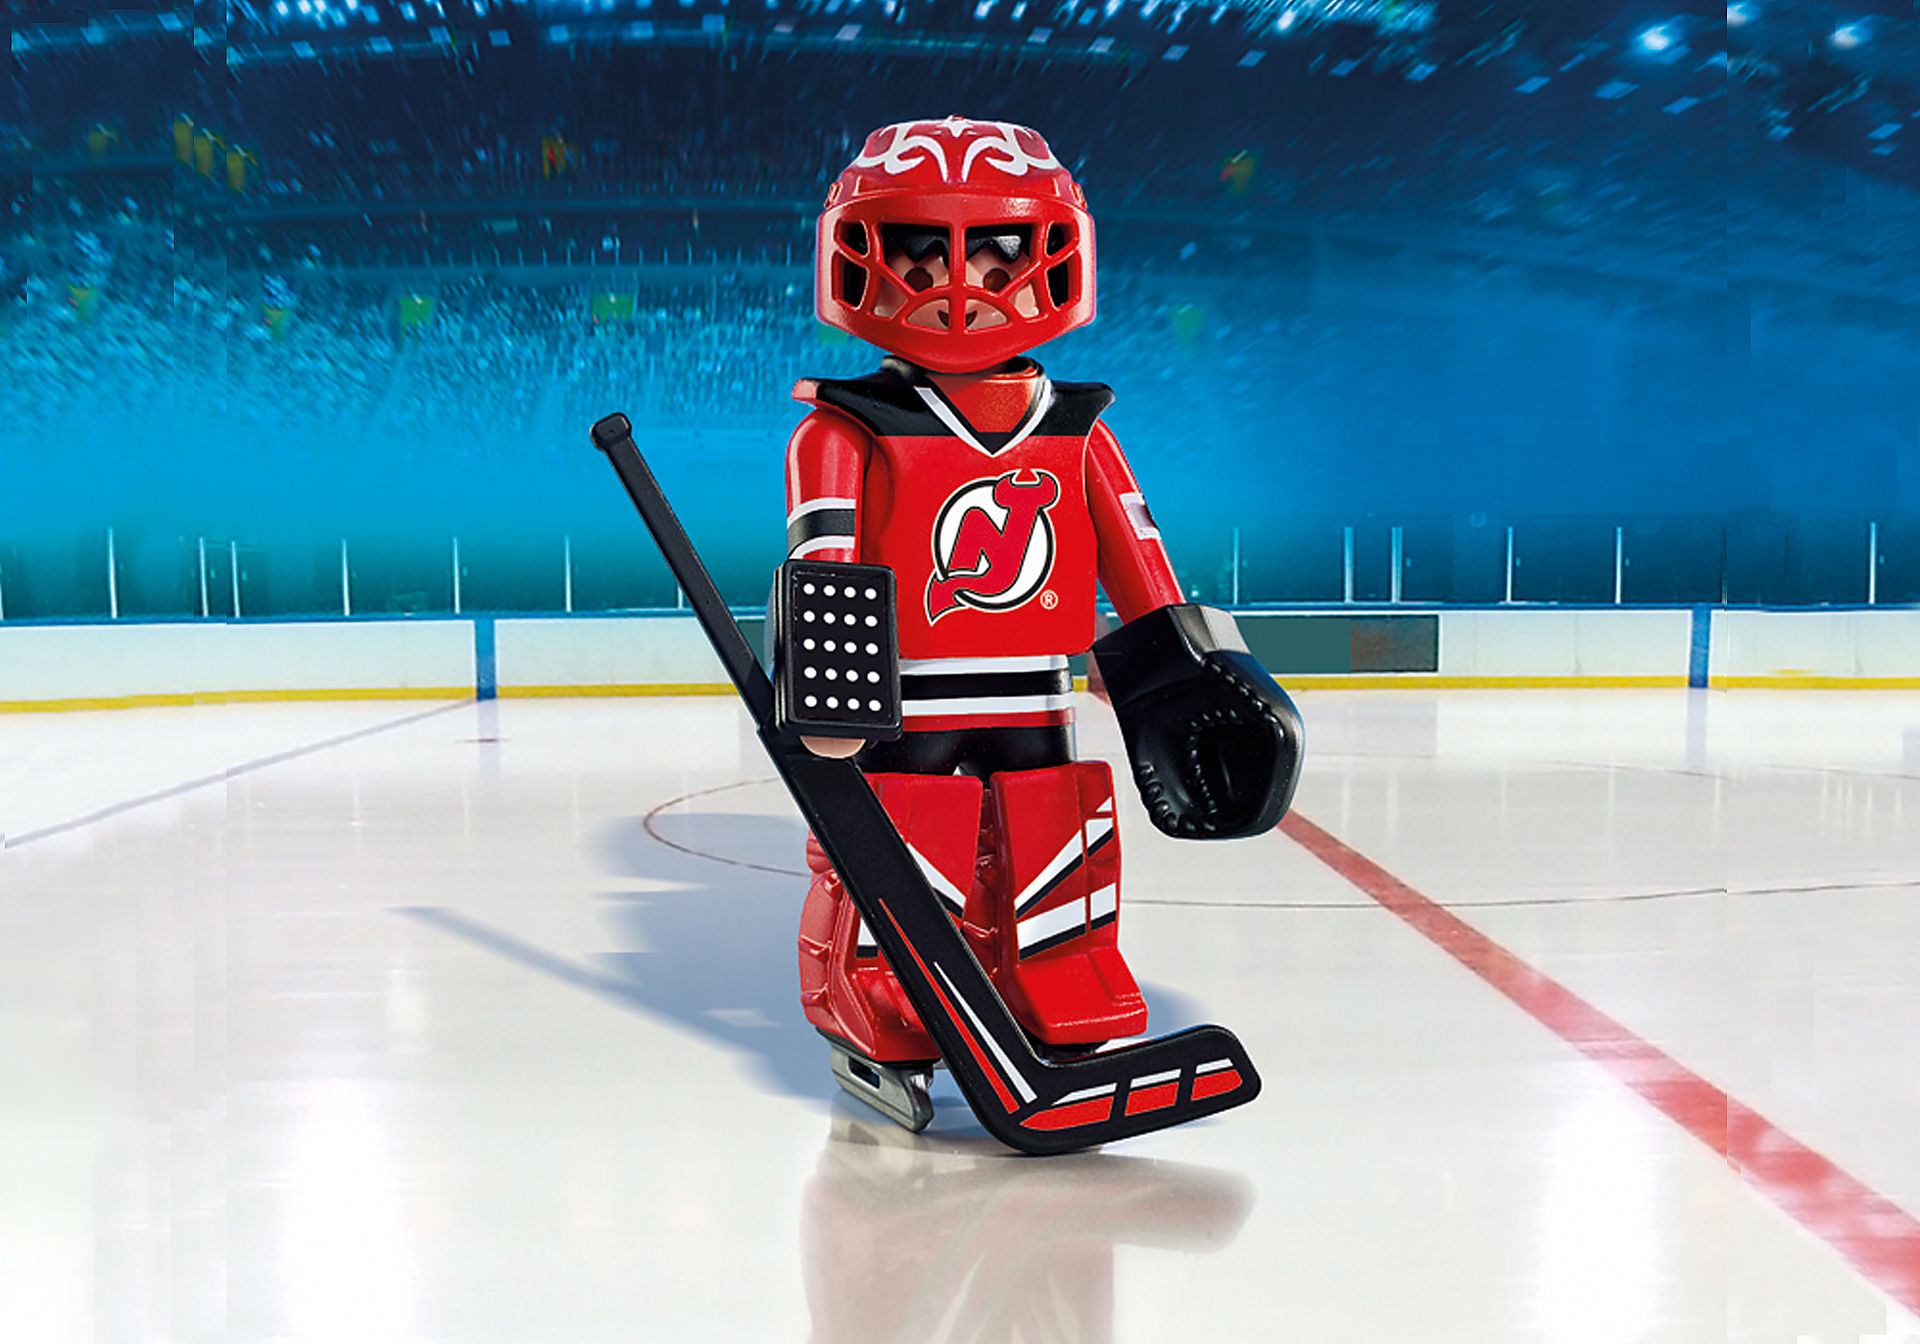 9036 NHL® New Jersey Devils® Goalie zoom image1